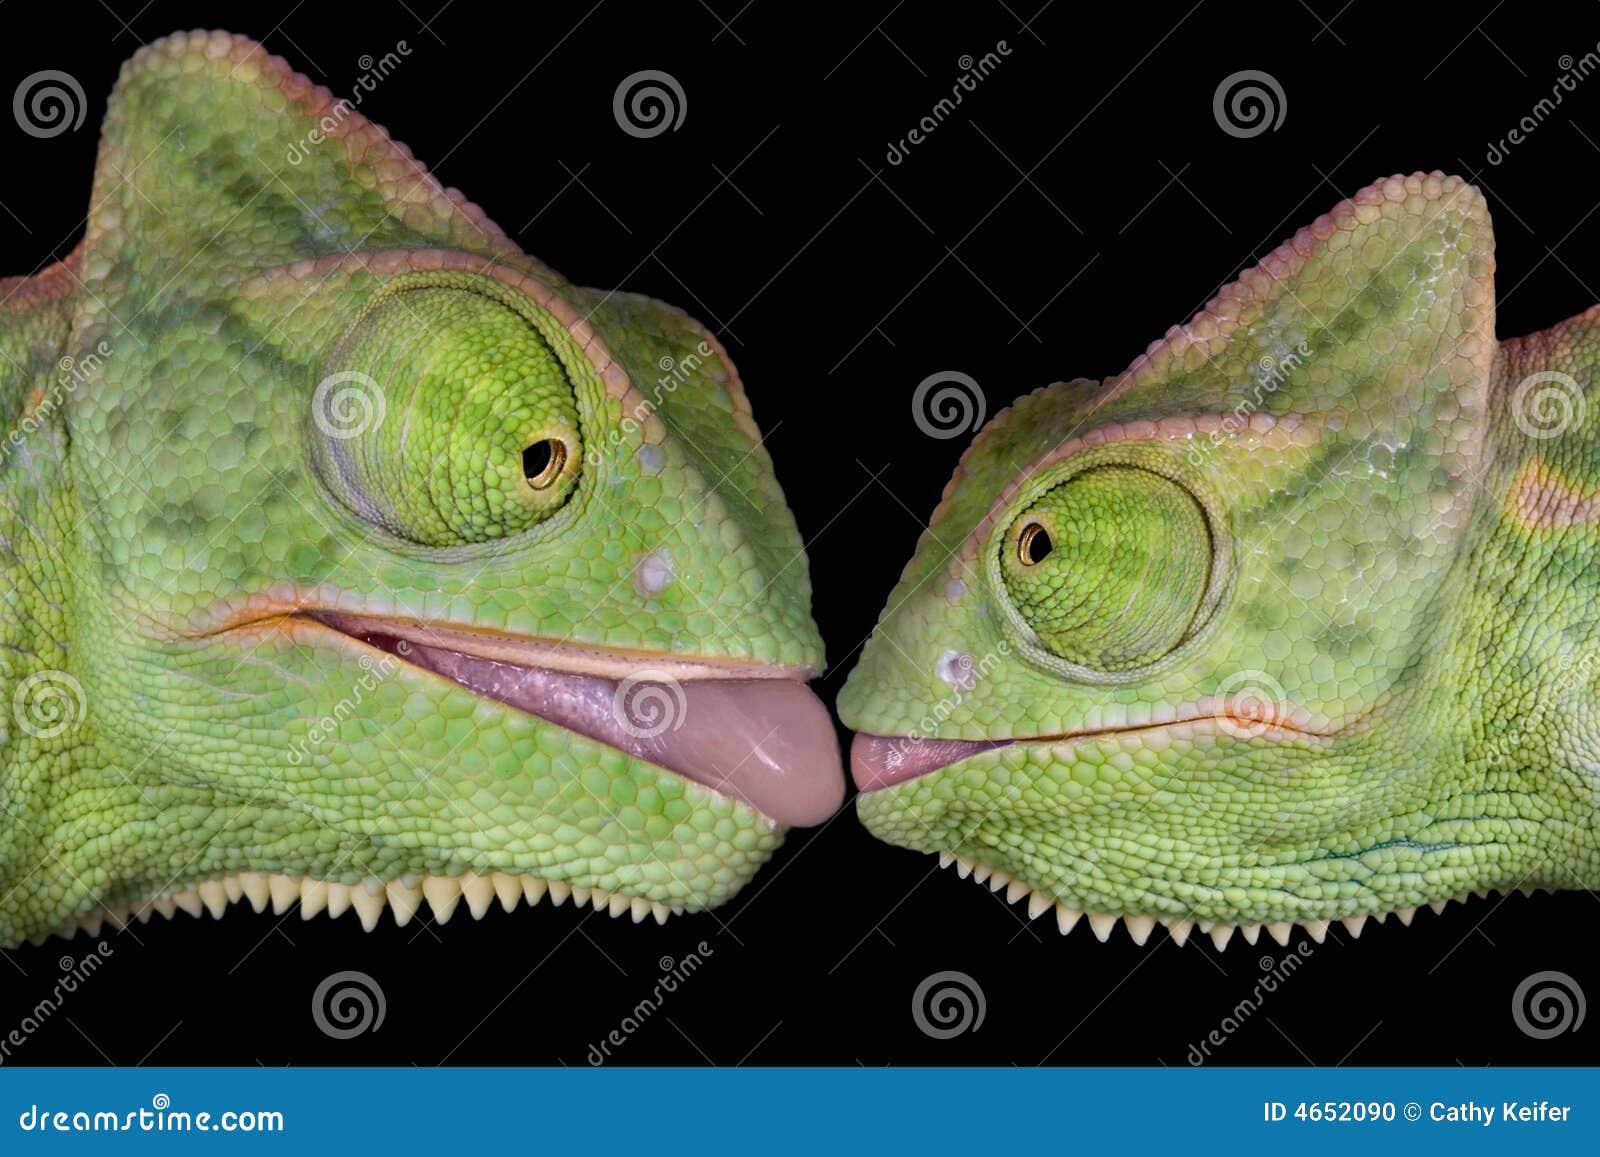 kissing-chameleons-4652090.jpg